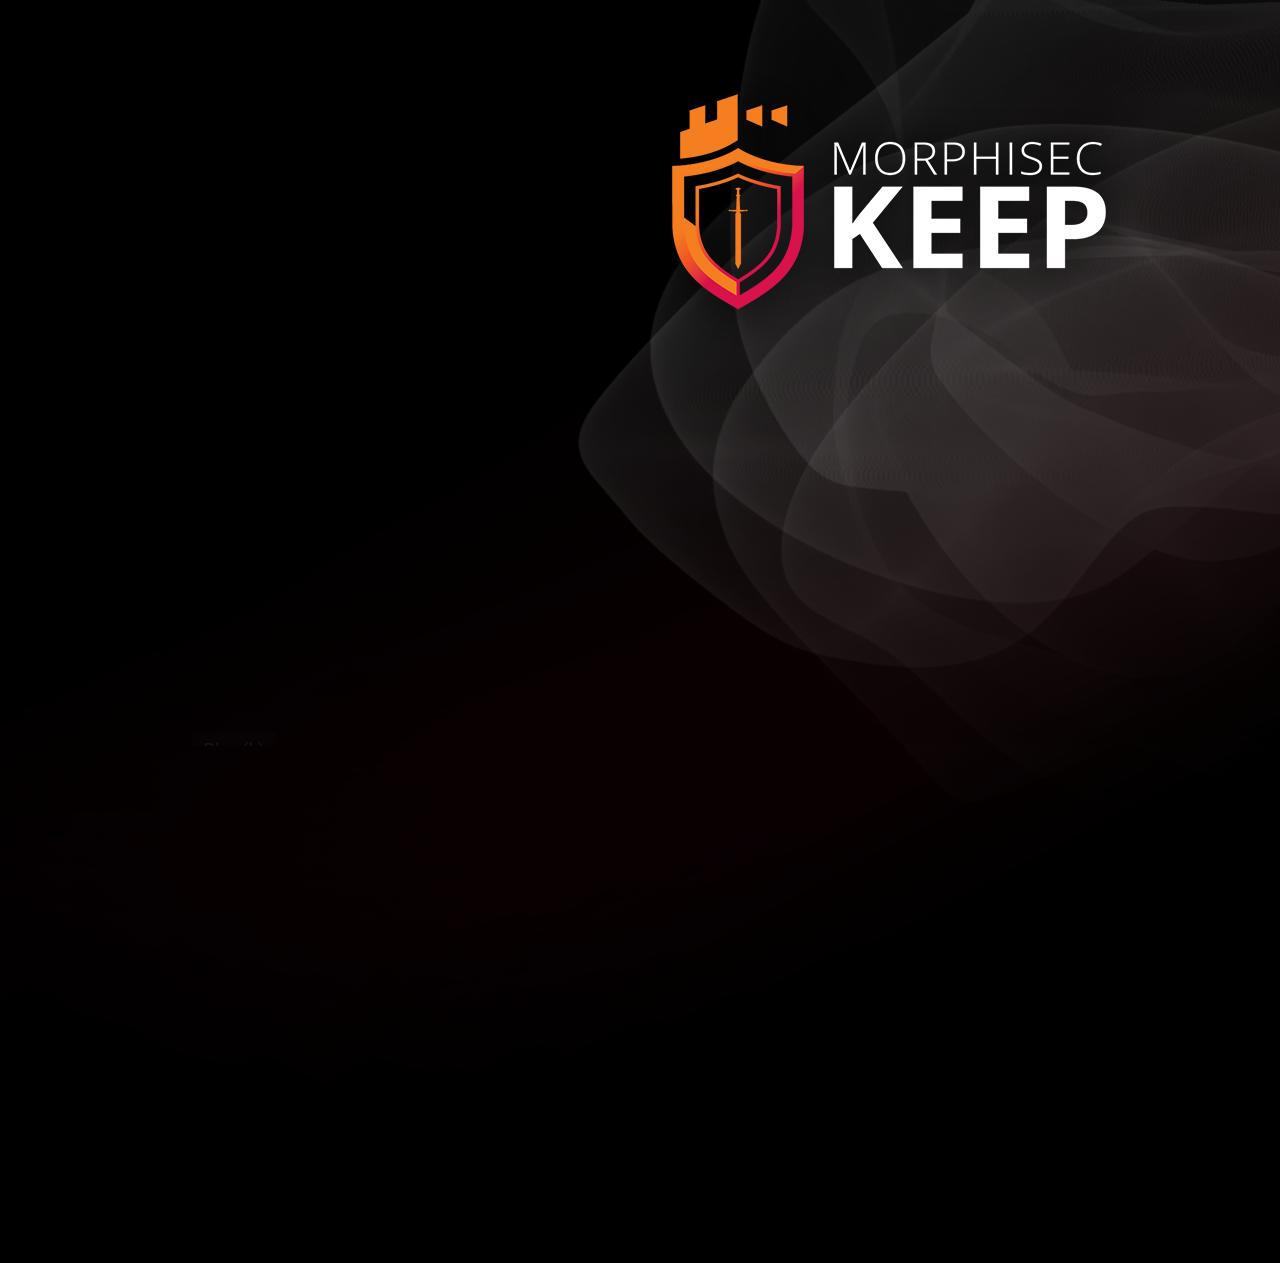 Keep-banner